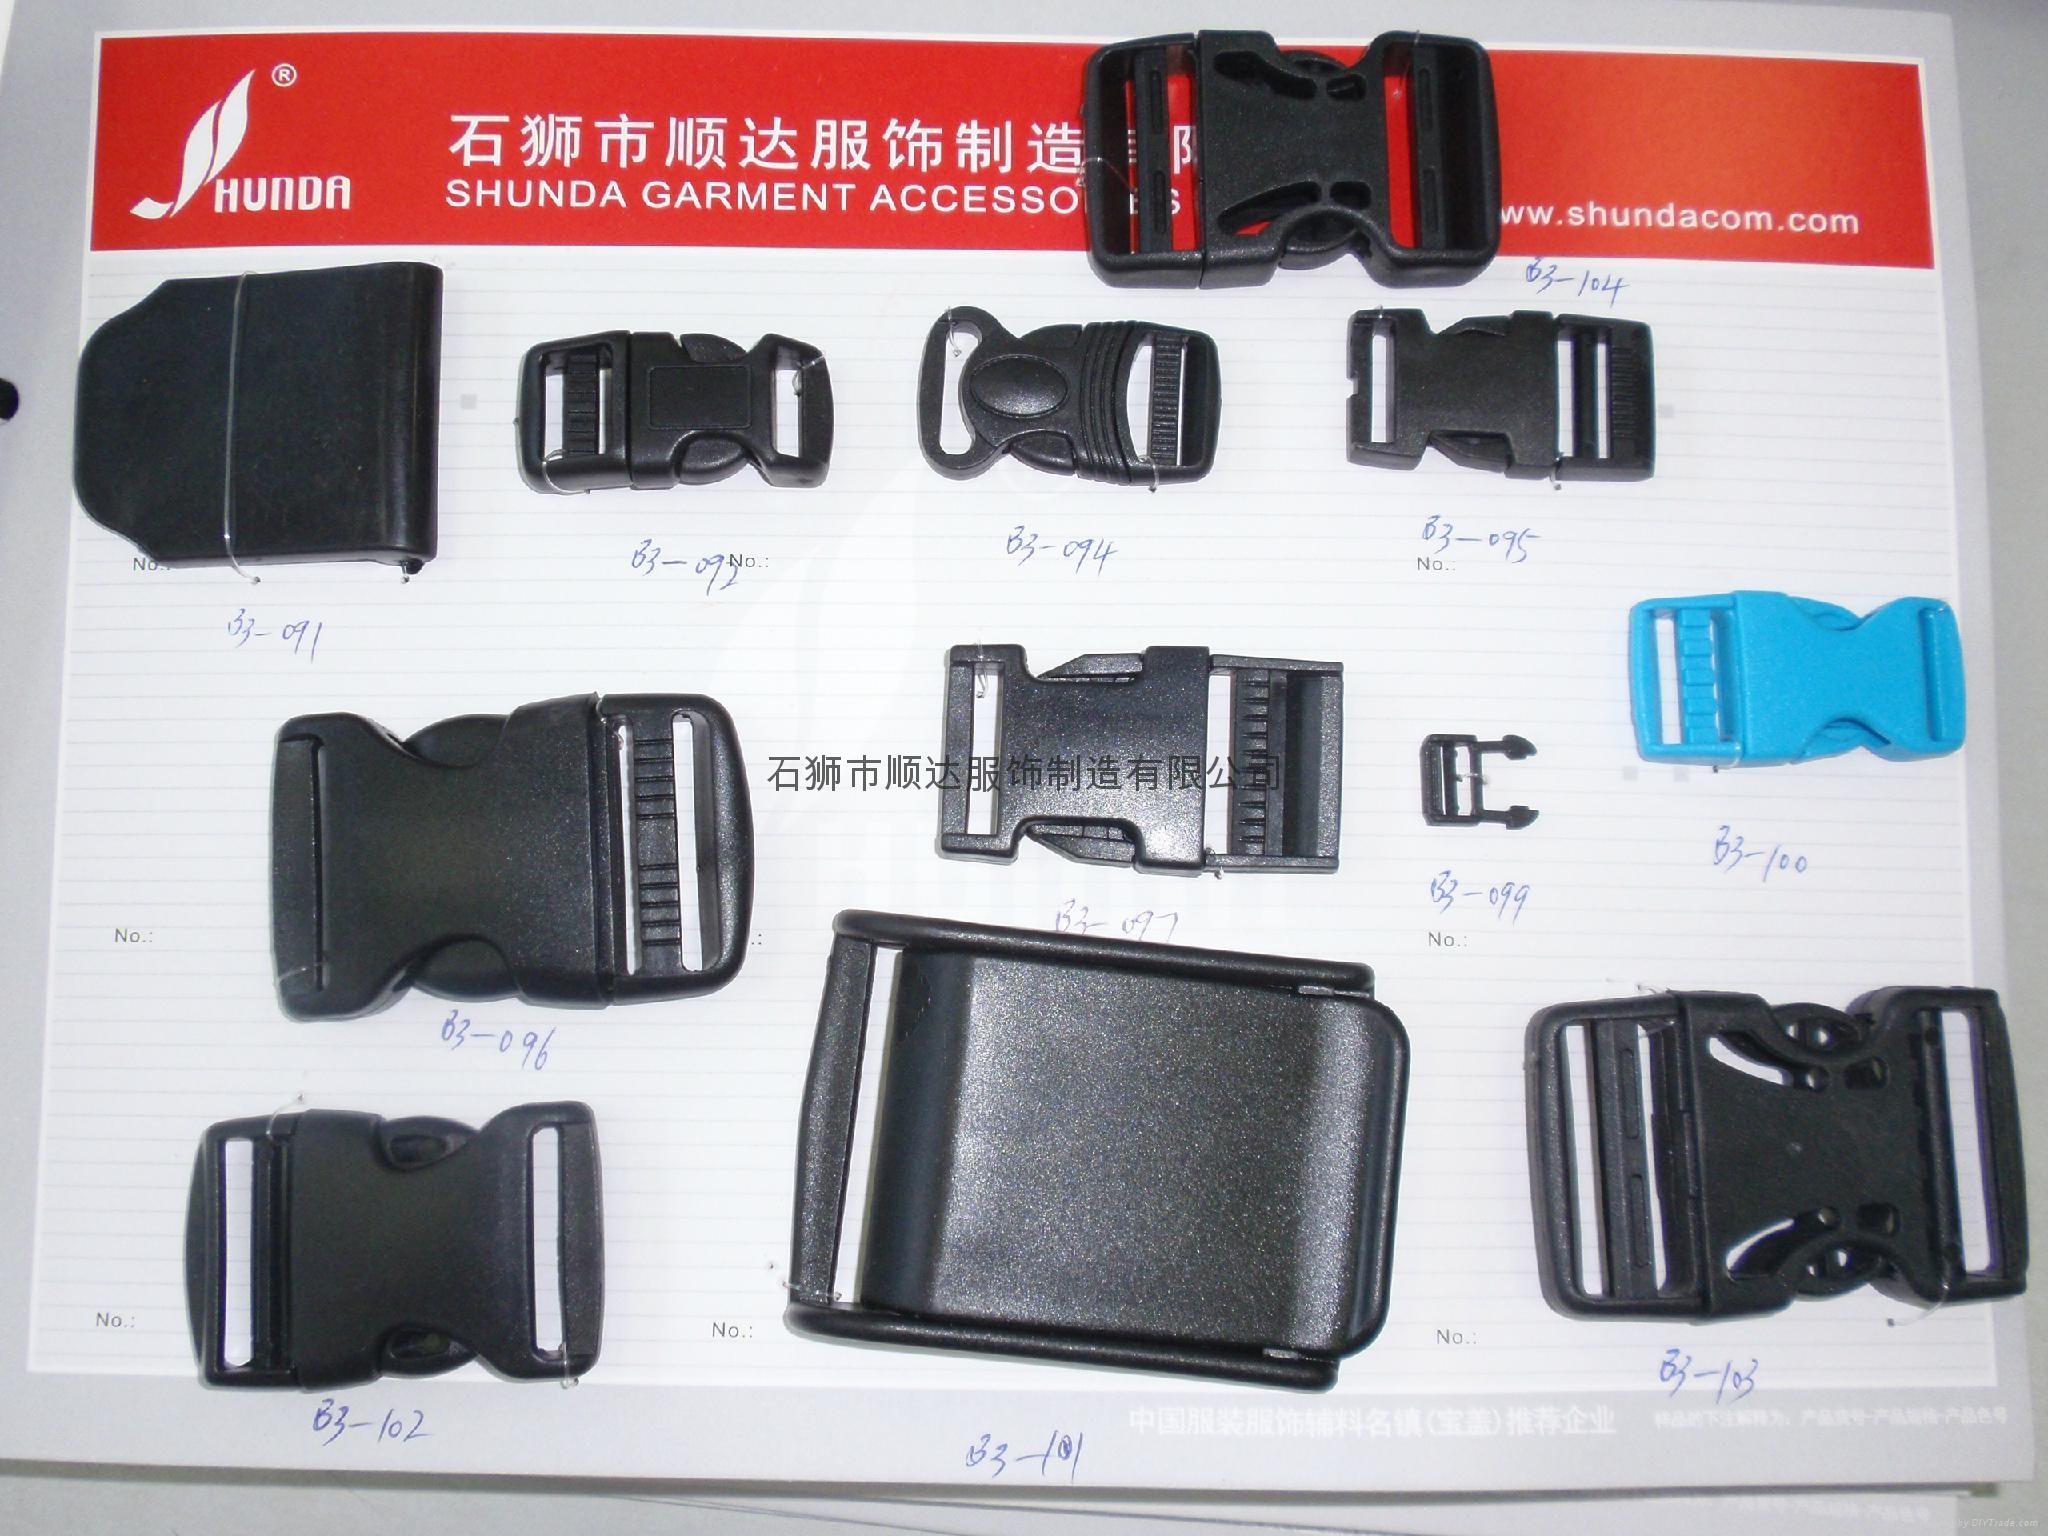 厂家直销塑料背包扣箱包配件塑胶插扣功能扣具卡扣安全扣登山扣具 2